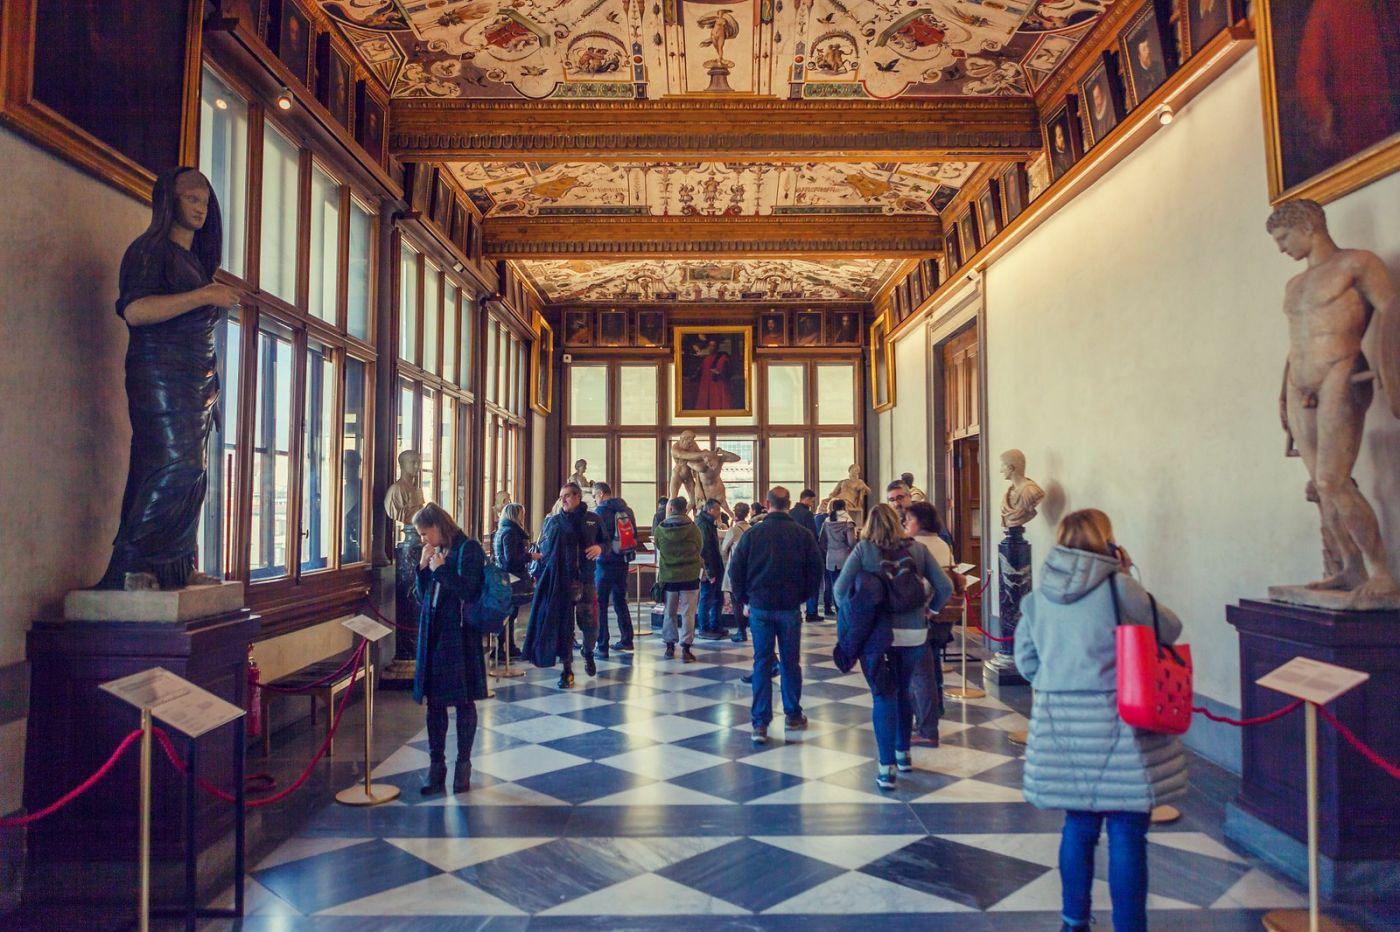 意大利佛罗伦斯乌菲兹美术馆, 进去看一看_图1-30